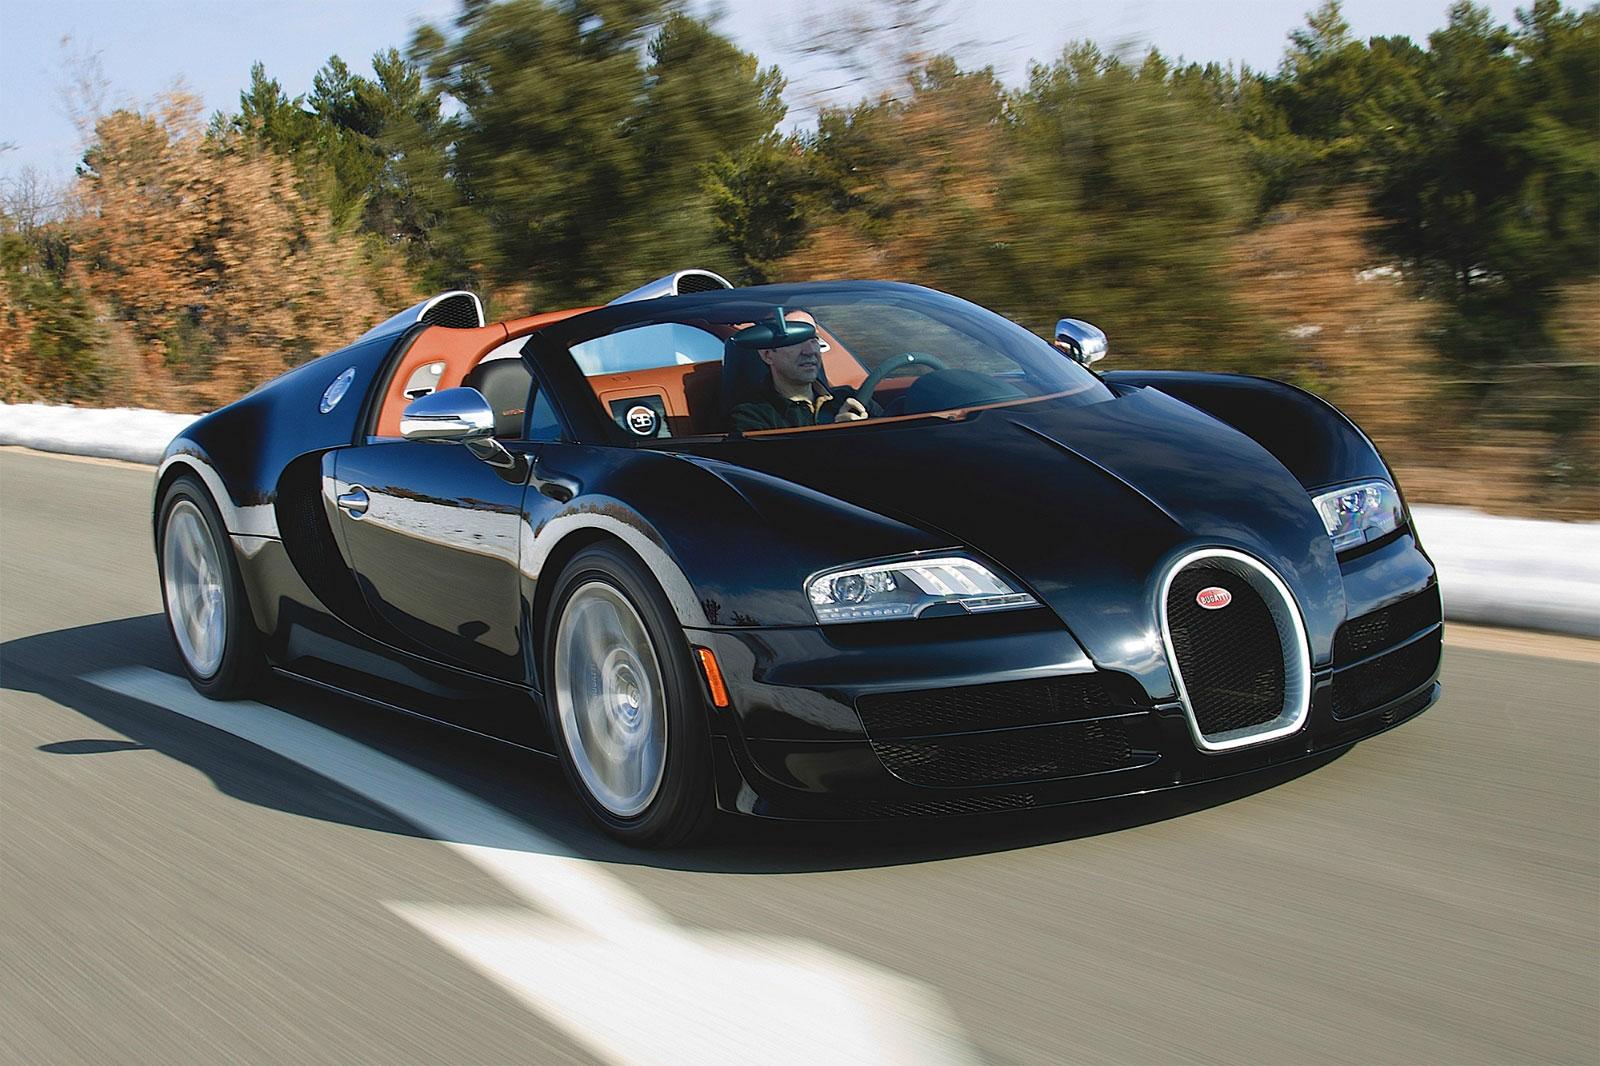 Bugatti Veyron Grand Sport Vitesse Wallpaper Hd: Sport Cars: Bugatti Veyron Grand Sport Vitesse Hd